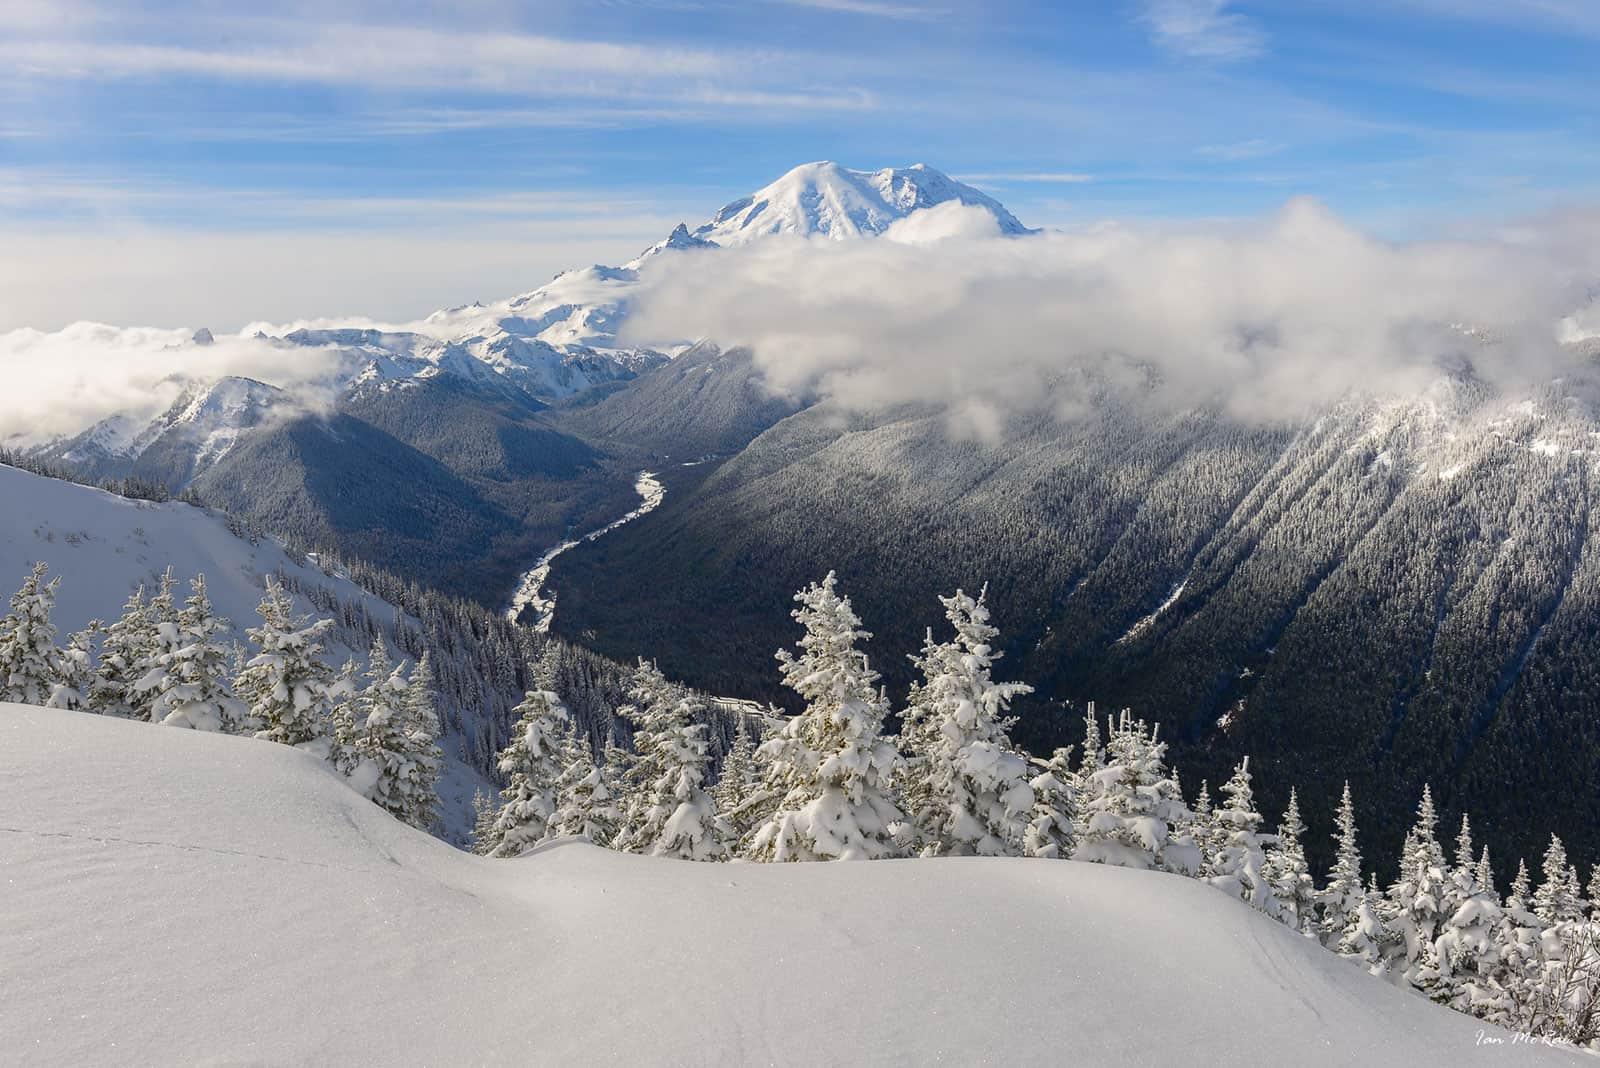 Visit Rainier The Official Site Of Mt Rainier Tourism